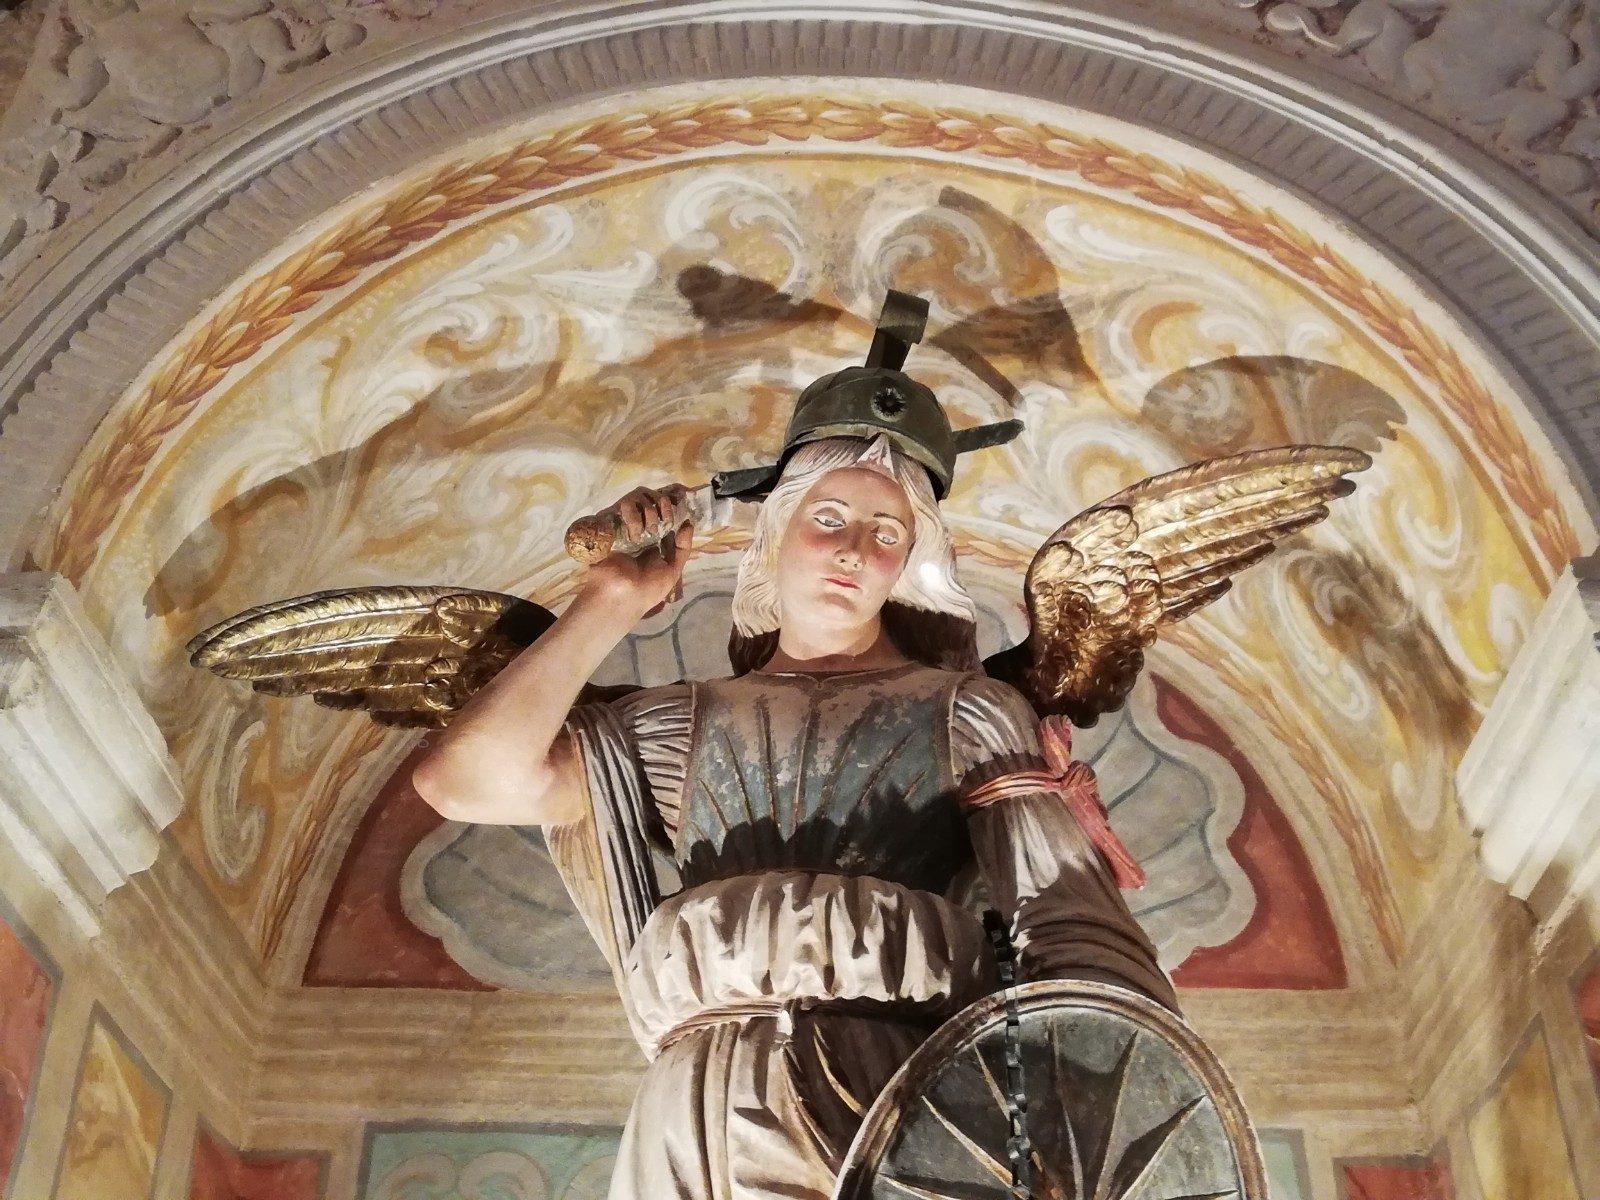 Dettaglio della statua dell'Arcangelo Michele (1521)